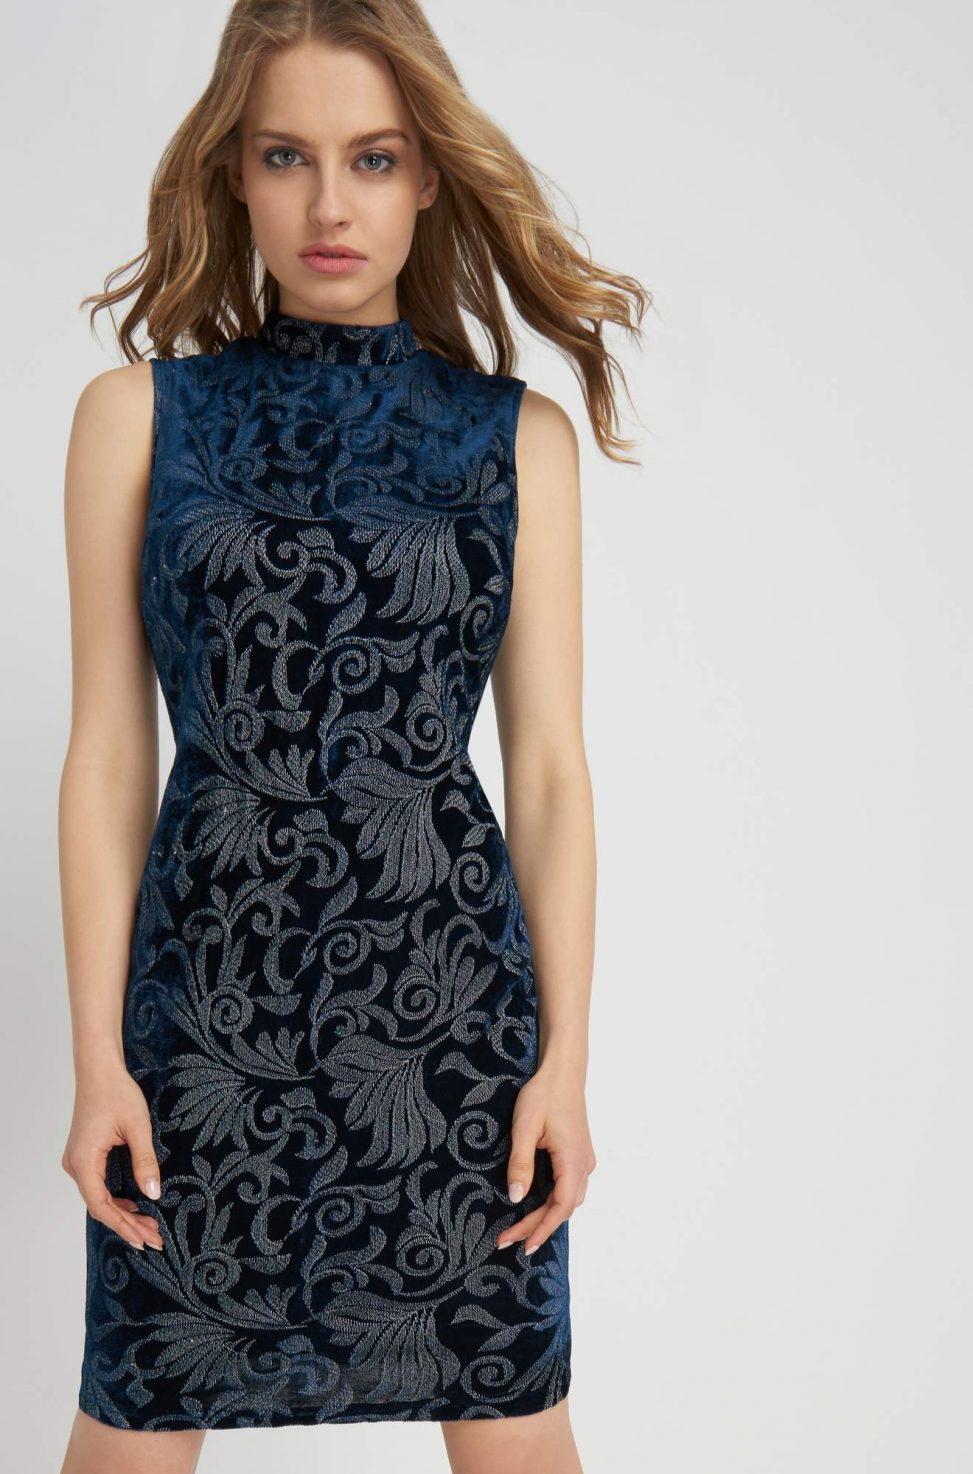 Welurowa ołówkowa sukienka z wzorami